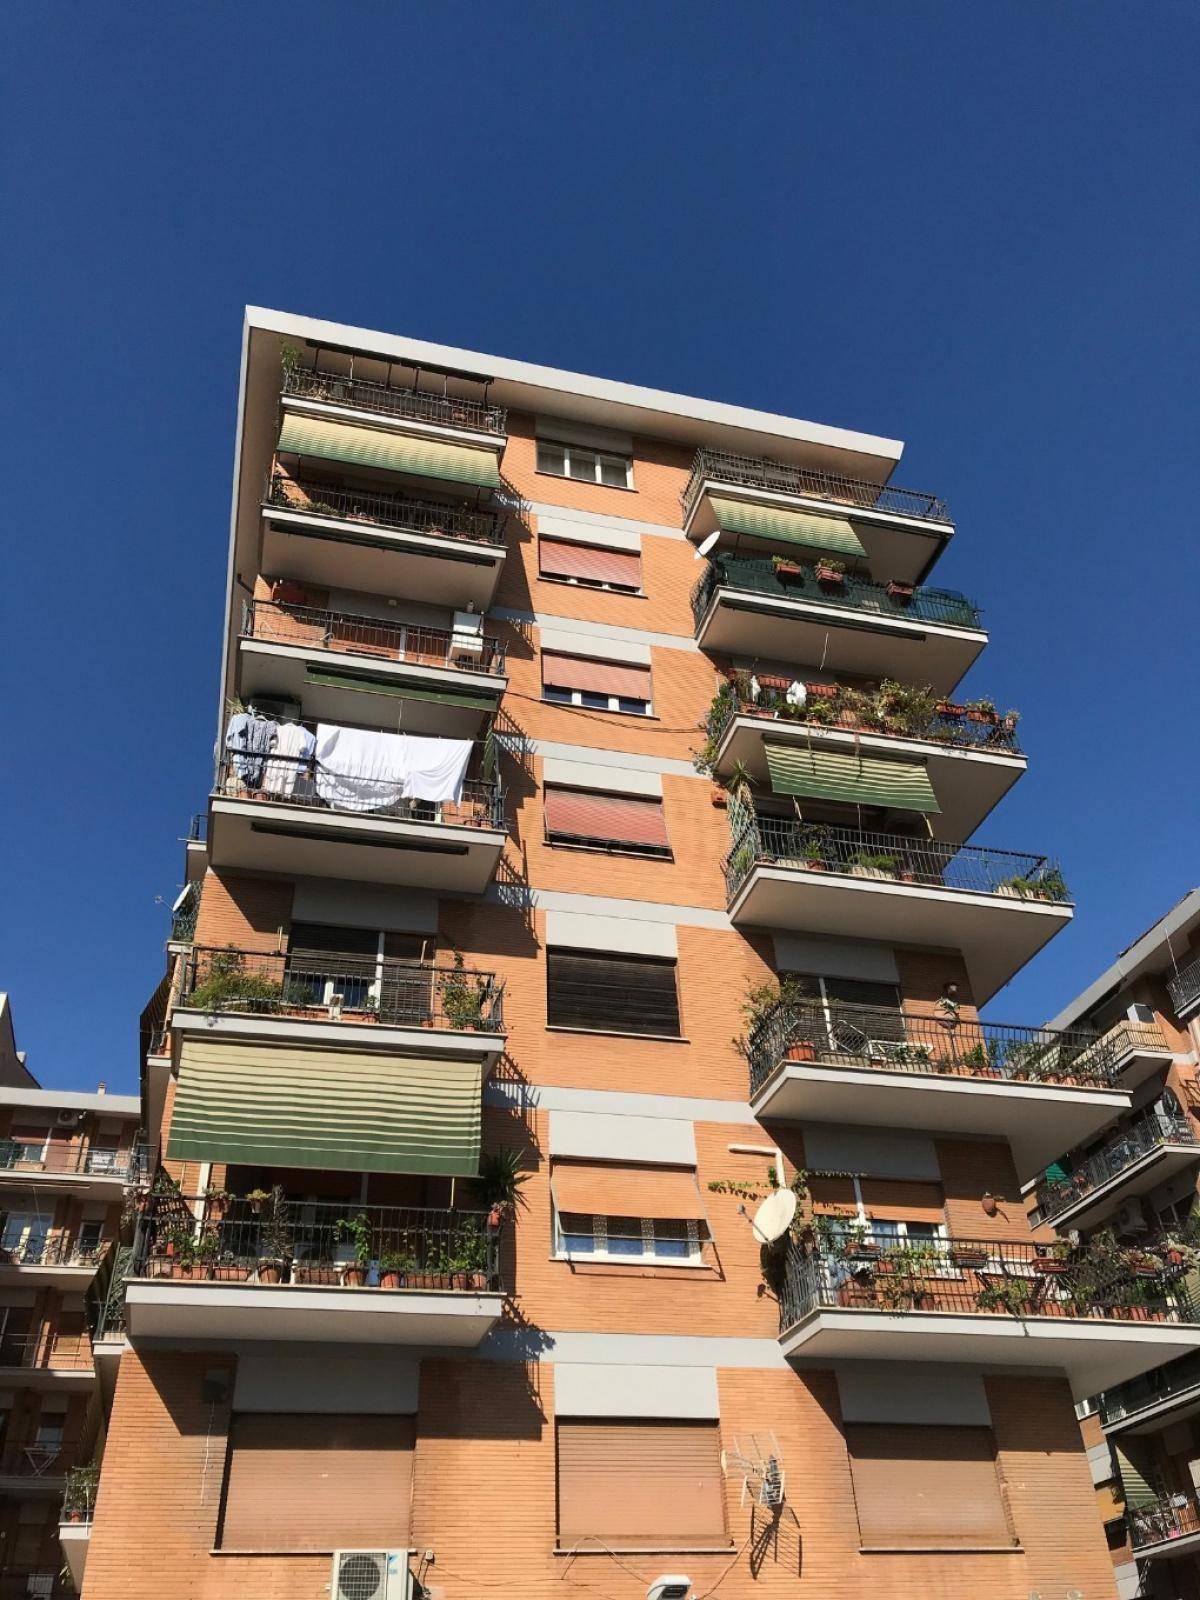 1118417819 Trilocale in Via Giannozzo Manetti, Roma, Zona Baldo Degli Ubaldi